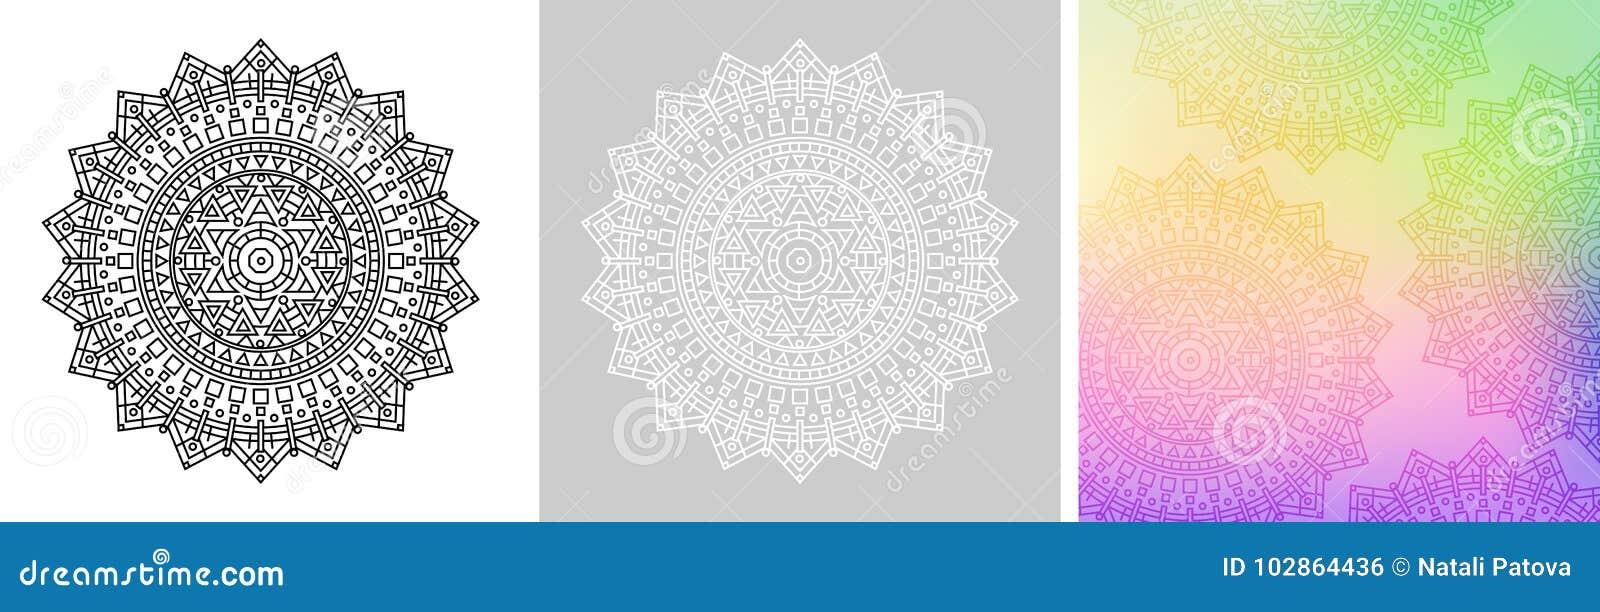 Mandala Geométrica Con La Estrella De David En El Centro Modelo ...